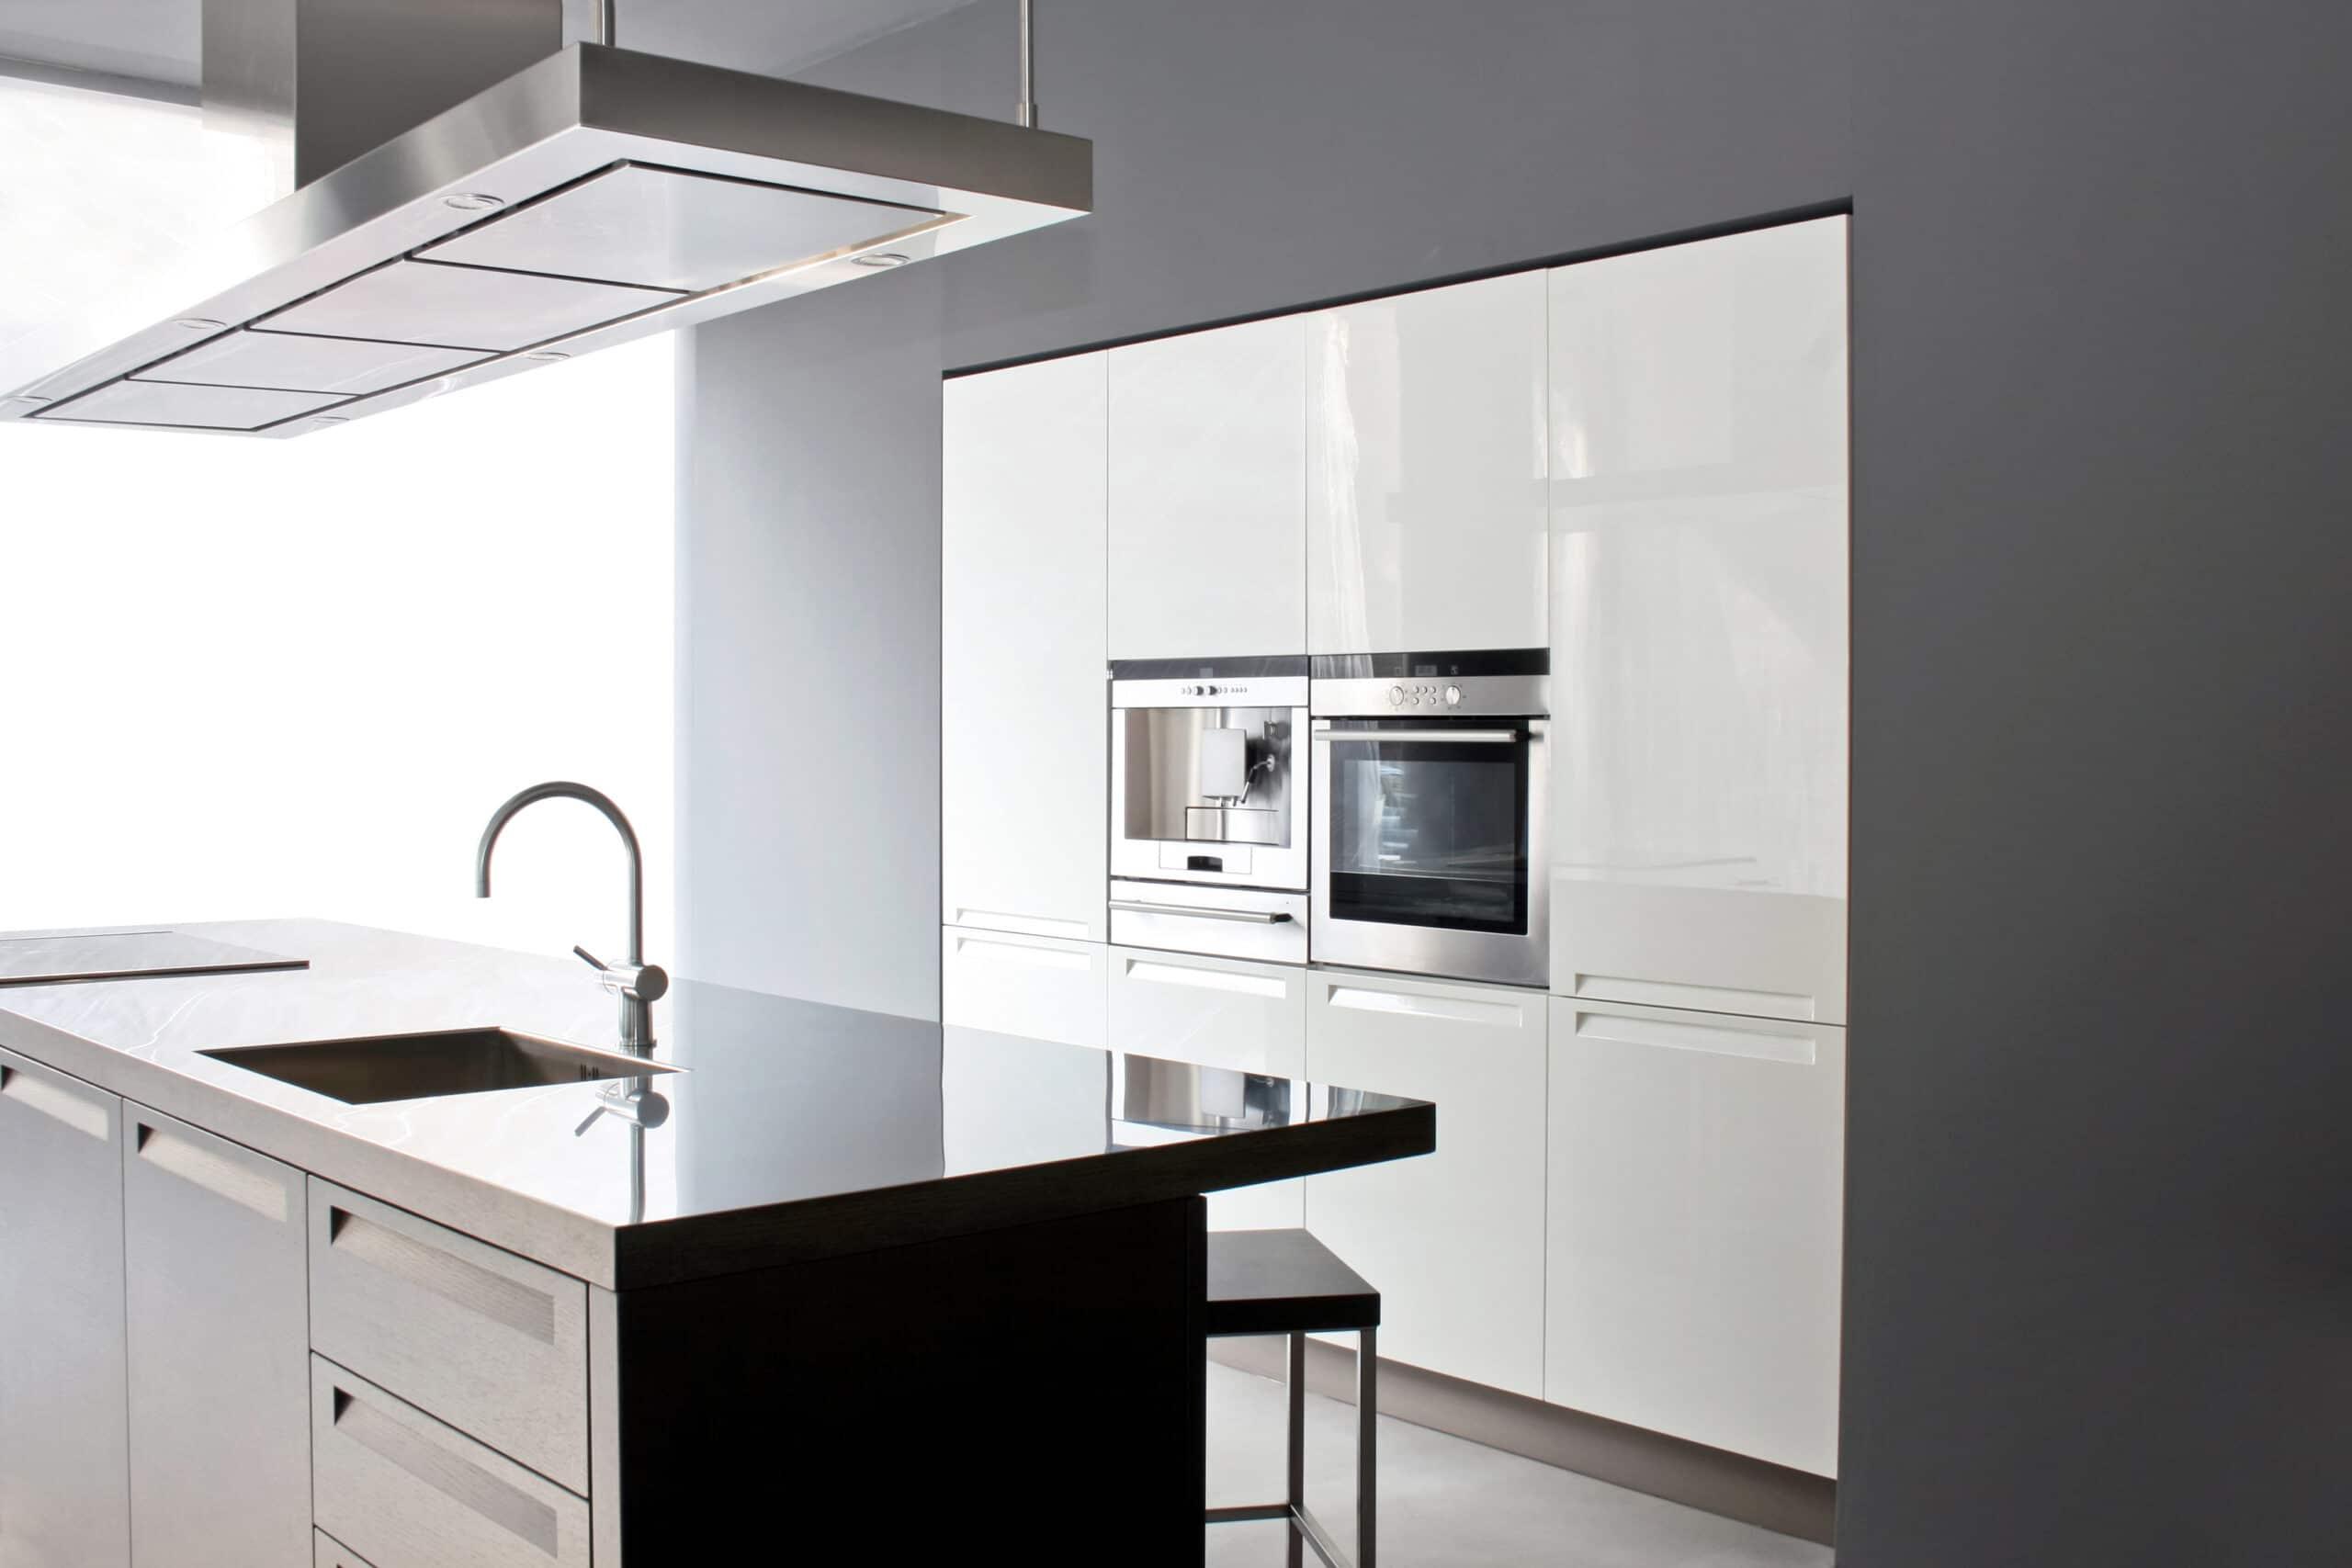 מטבחים מעץ ספקי ציוד המטבחים בעלי הבחנה מקצועית בחסות החברה שבה הם עובדים שיודעים לספק פתרונות מגוונים לכל בית במקביל להפעלת המקרר והתנור ללקוח במטבח שלו